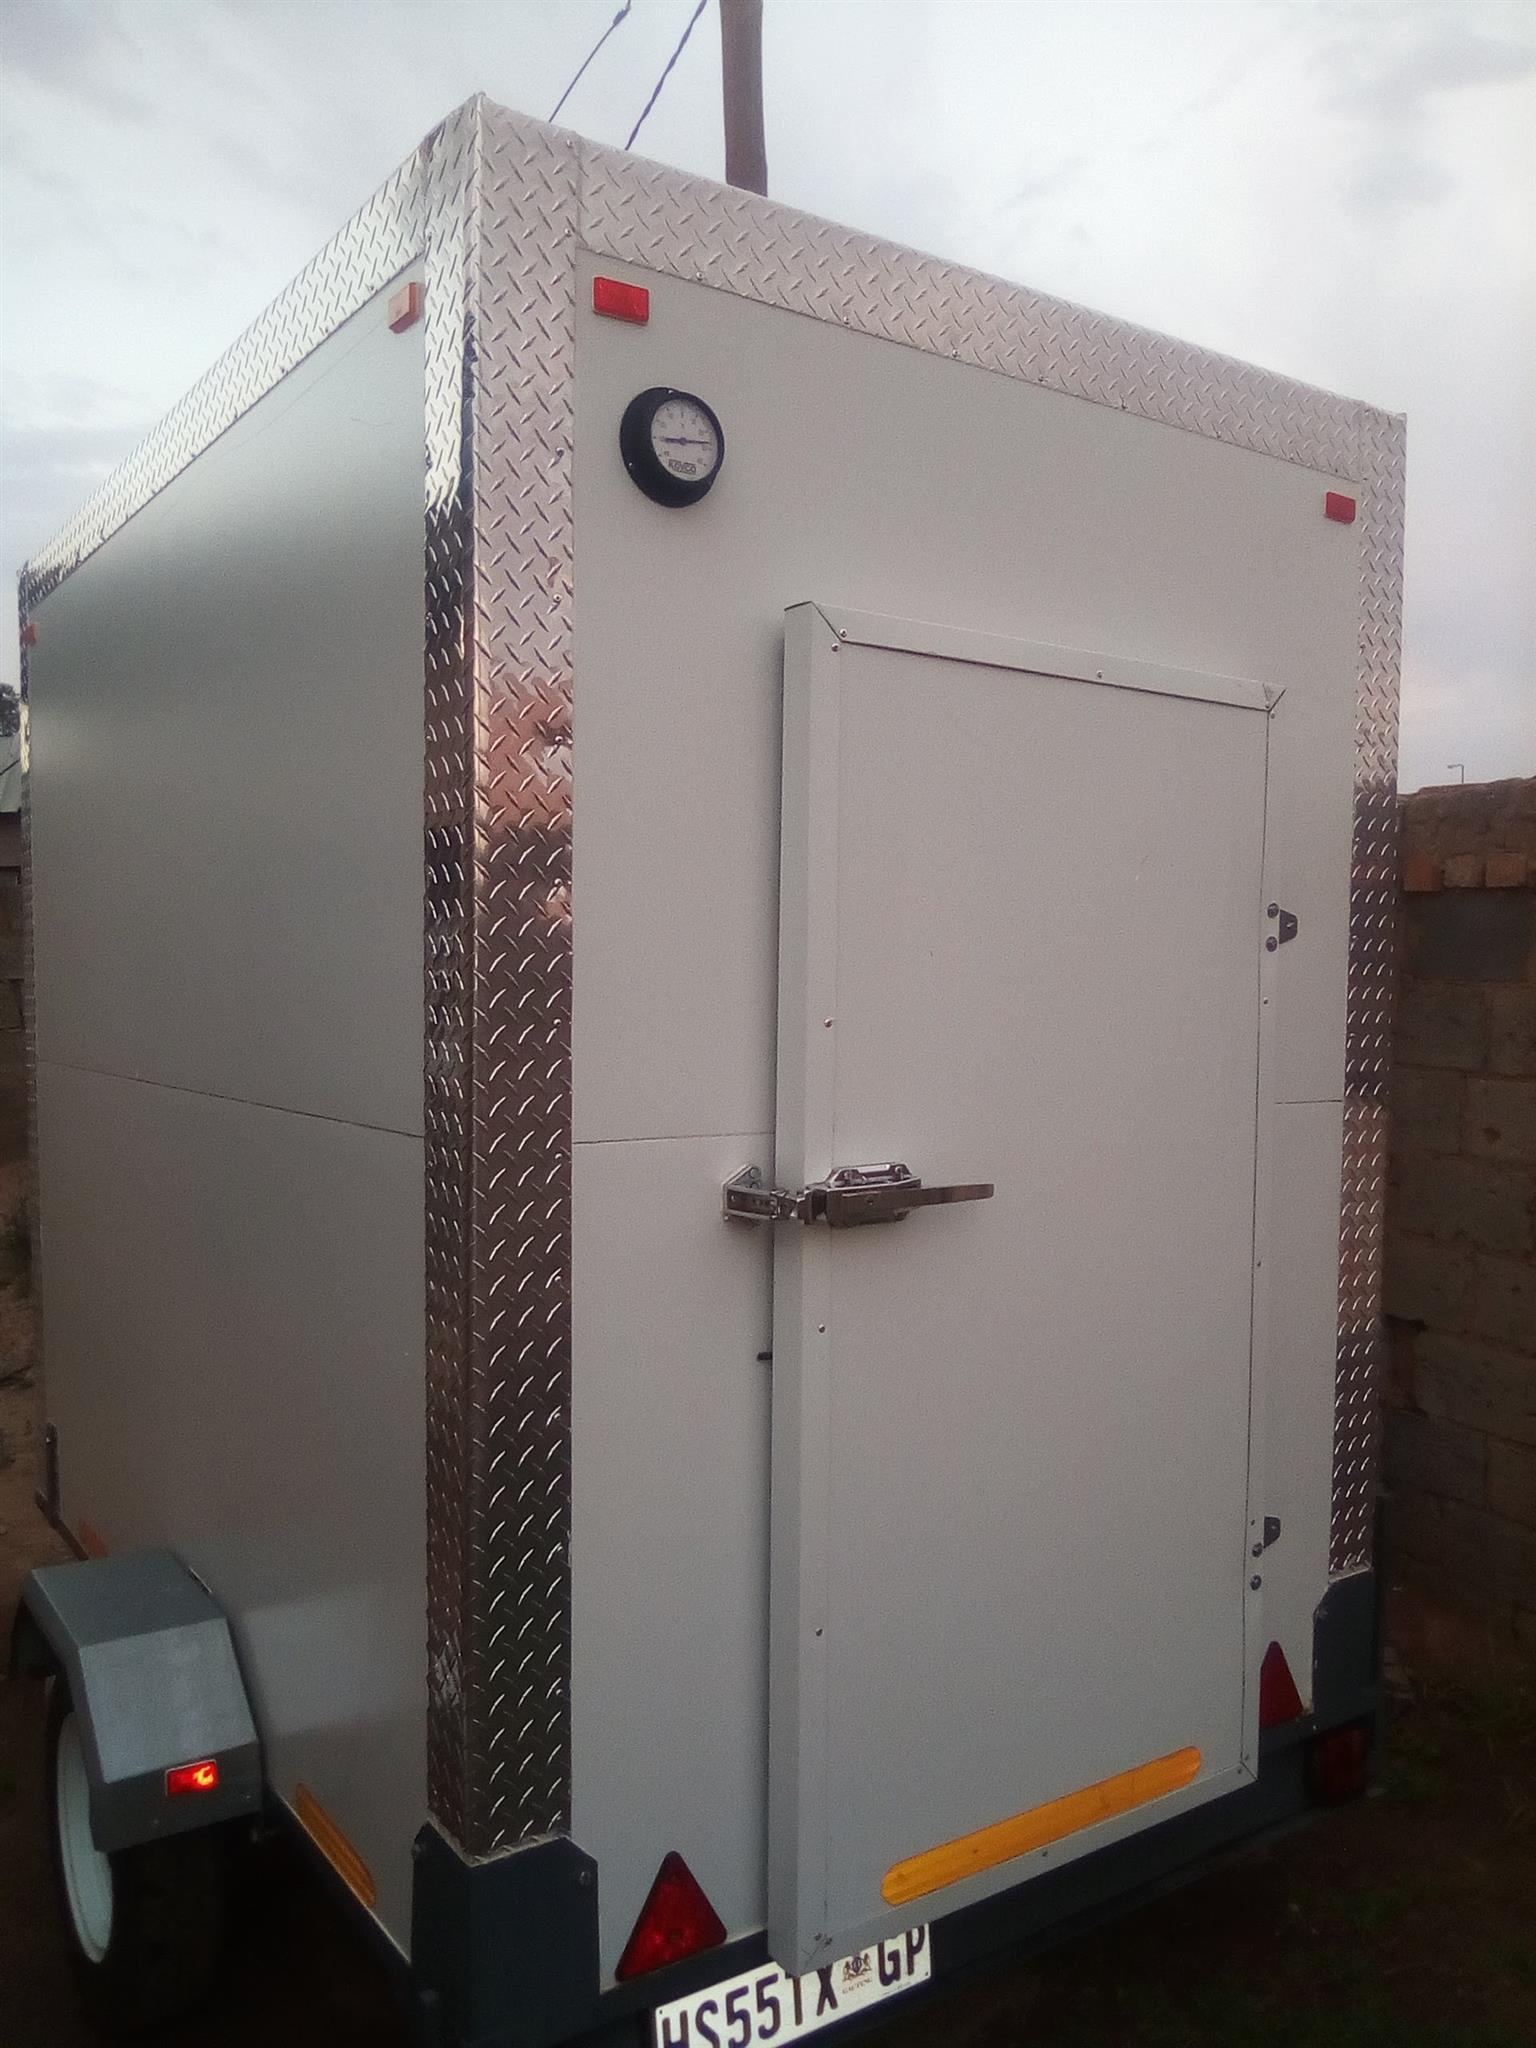 PK's mobile fridge for hire